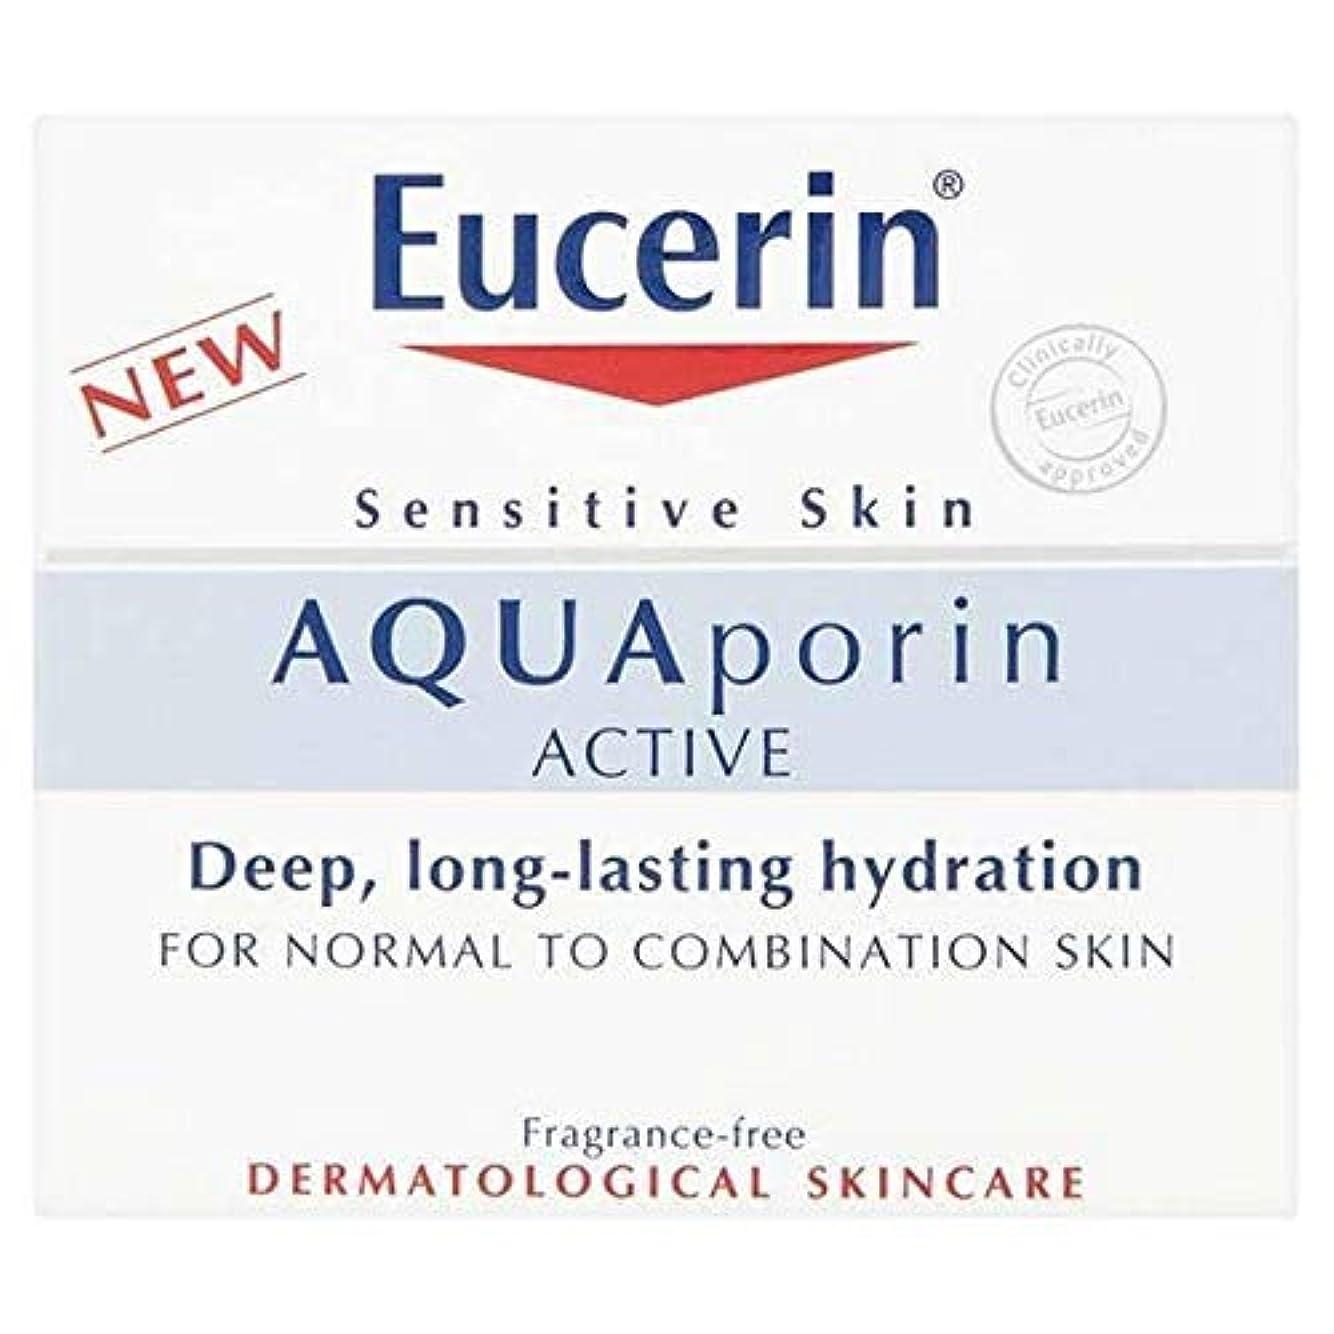 容器損傷管理[Eucerin ] ノーマル/櫛皮膚50ミリリットルのためのユーセリンアクアポリンアクティブ水和 - Eucerin Aquaporin Active Hydration for Normal/Comb Skin 50ml...